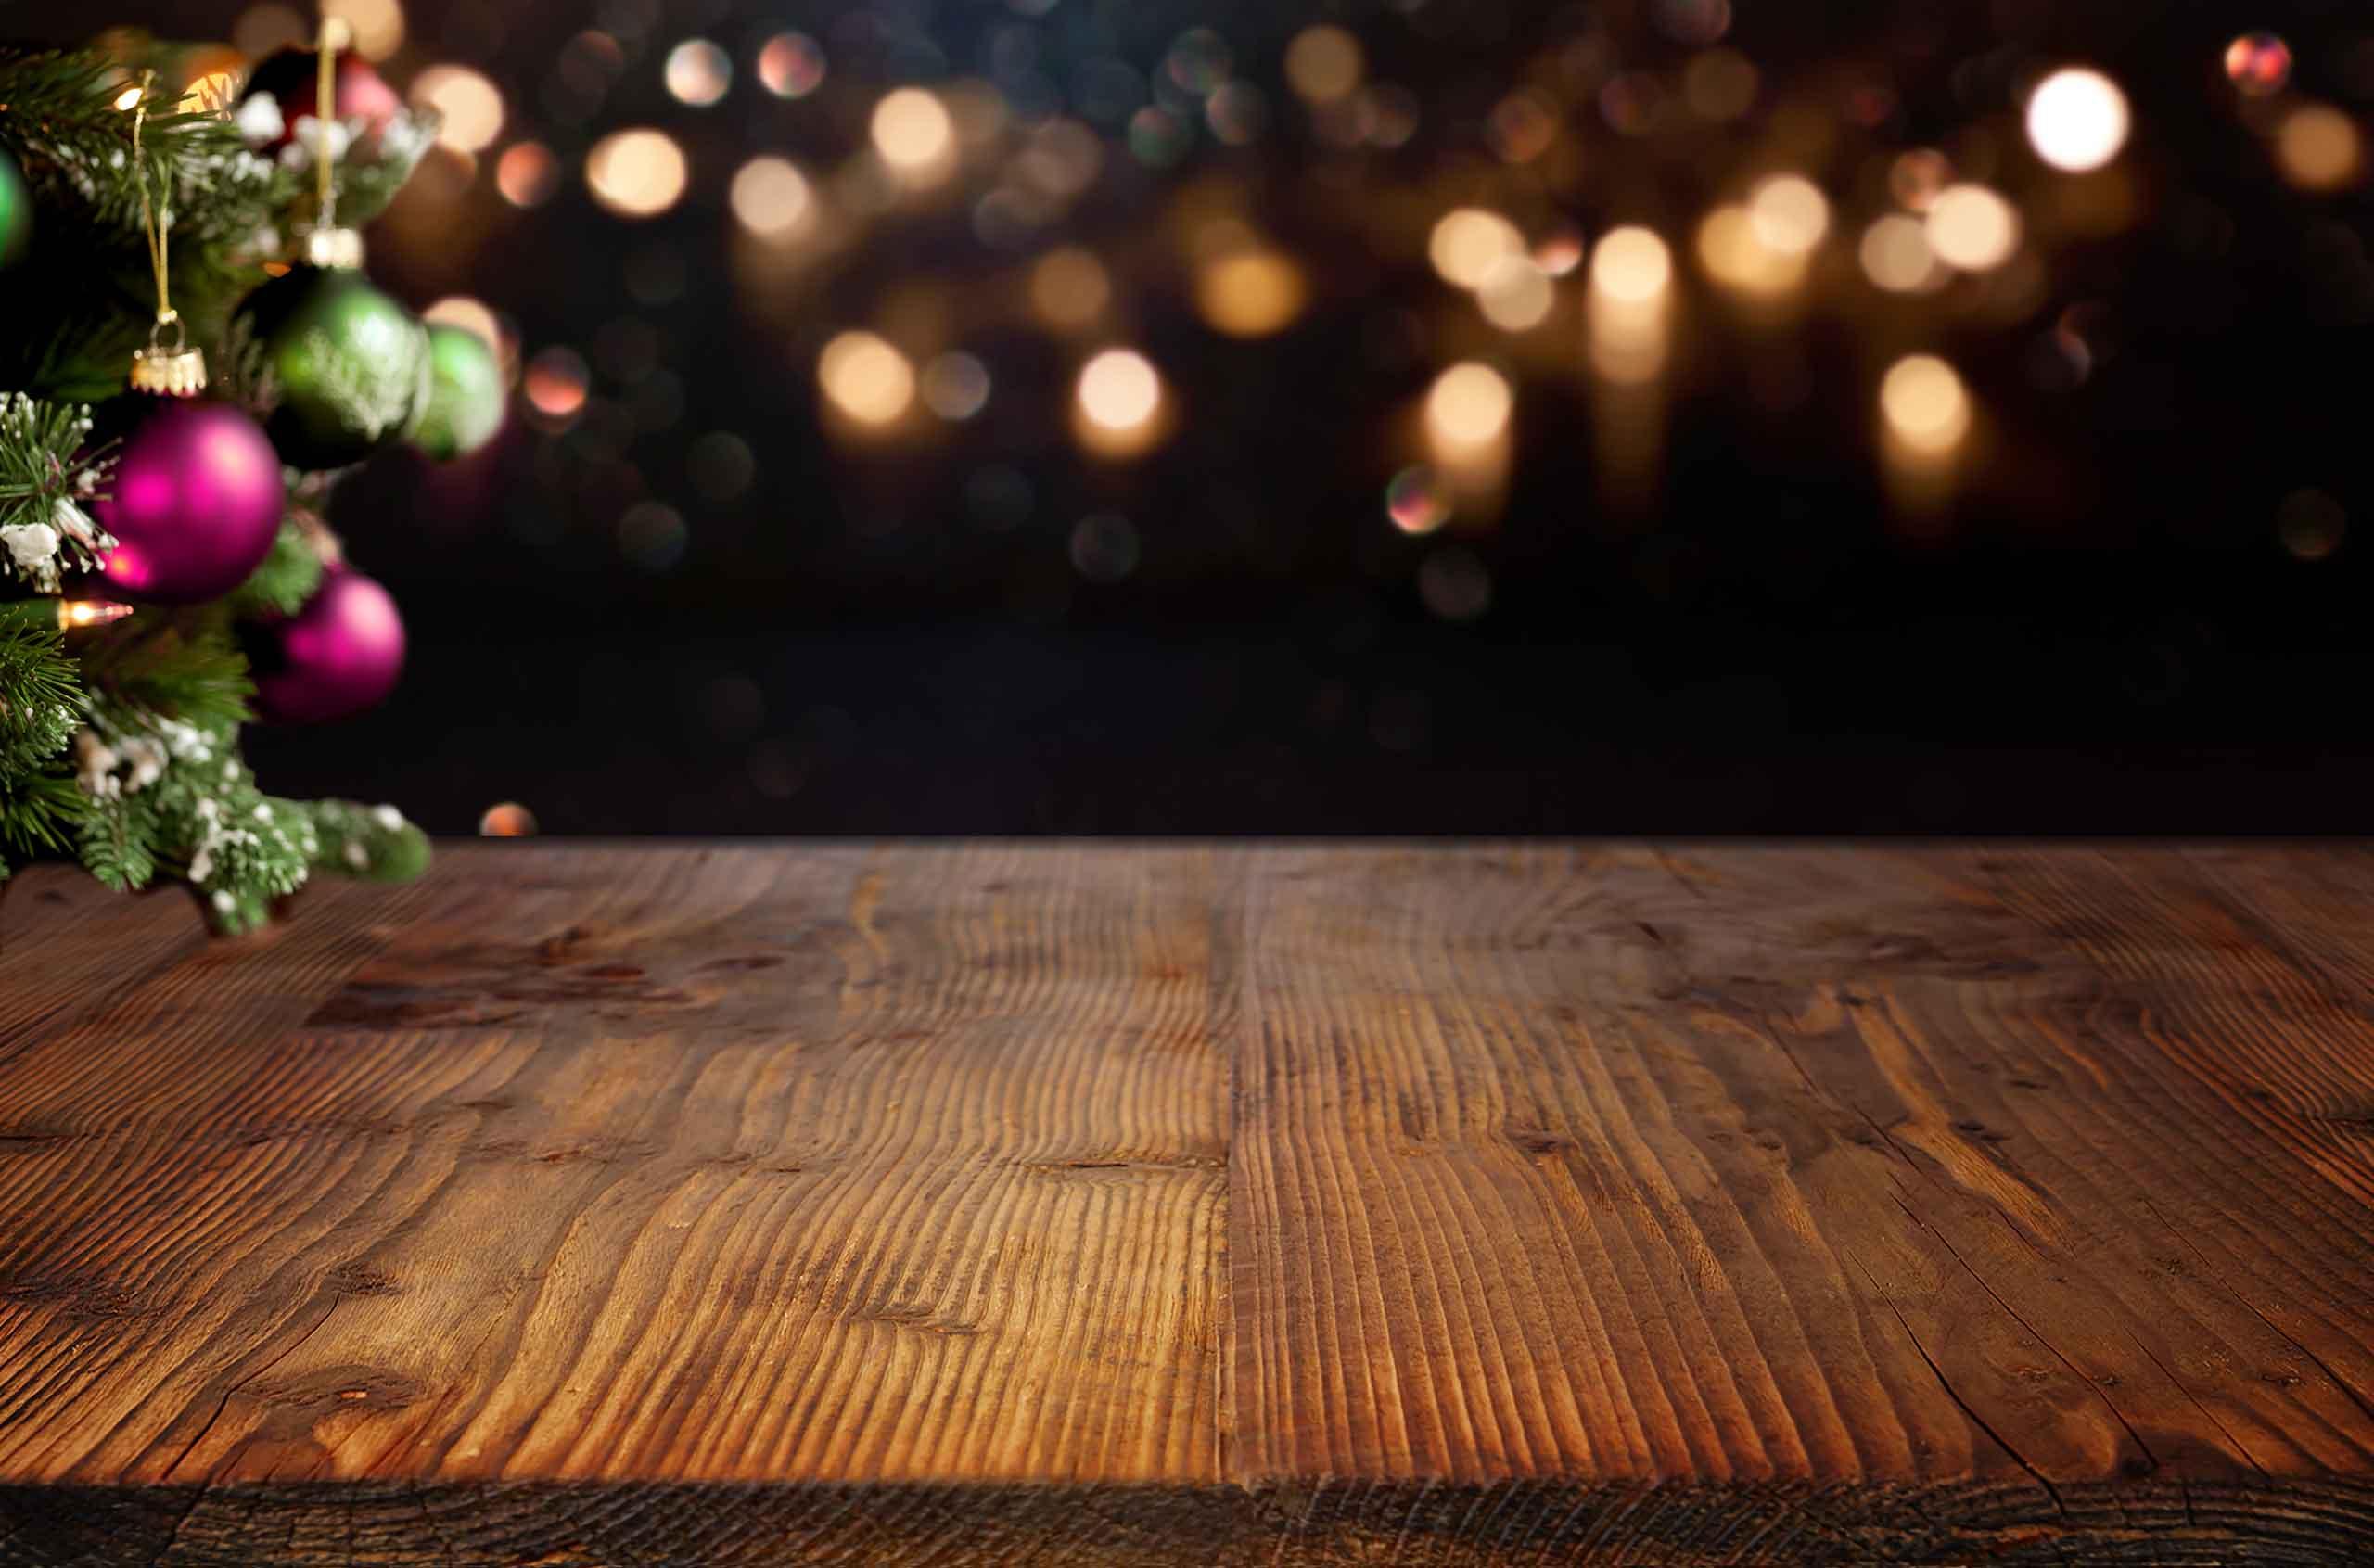 Adveniat Teile Dein Weihnachten Spenden Tisch